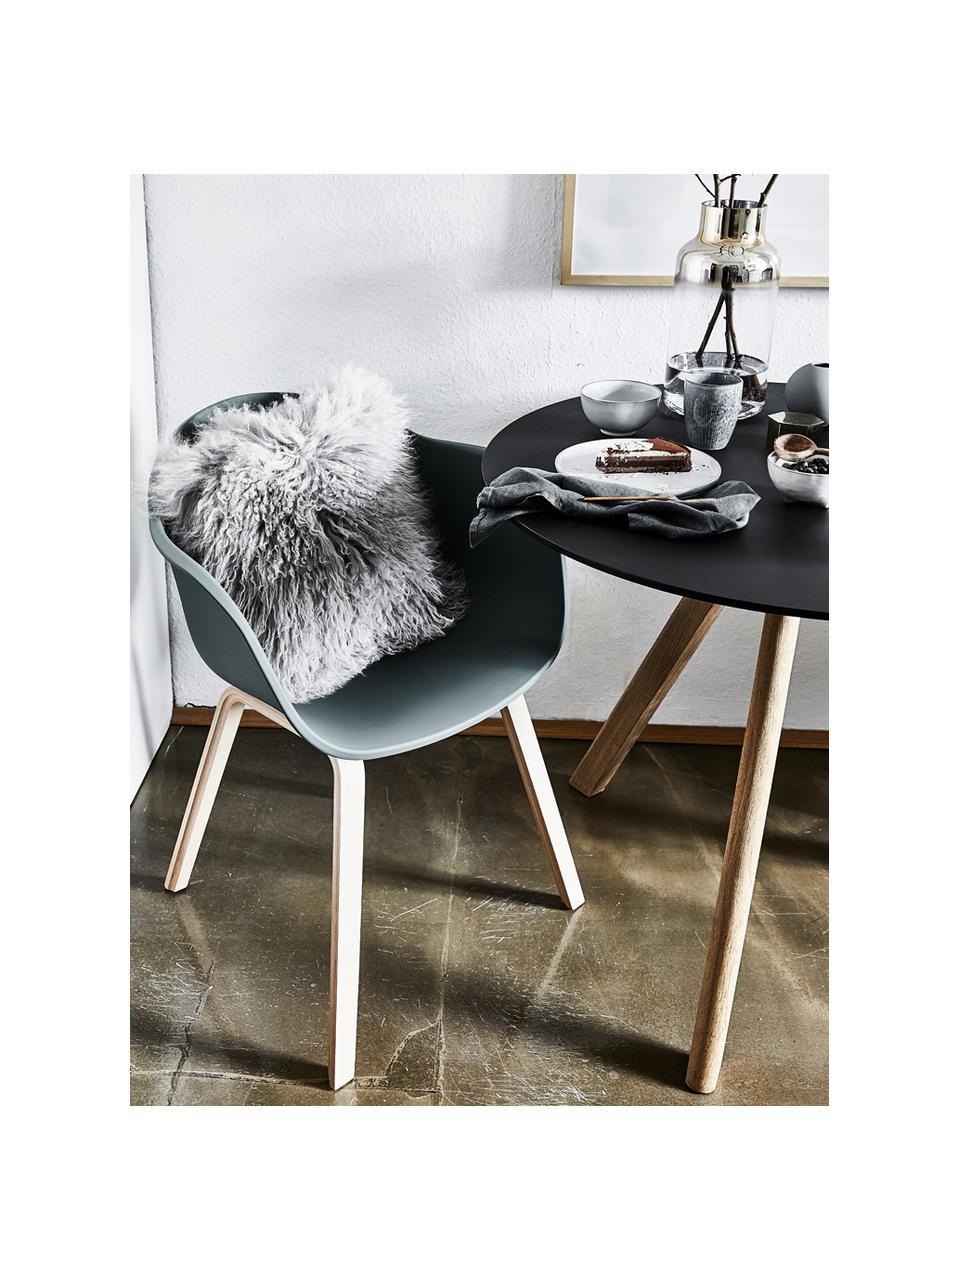 Kunststoff-Armlehnstuhl Claire mit Holzbeinen, Sitzschale: Kunststoff, Beine: Buchenholz, Grün, B 60 x T 54 cm